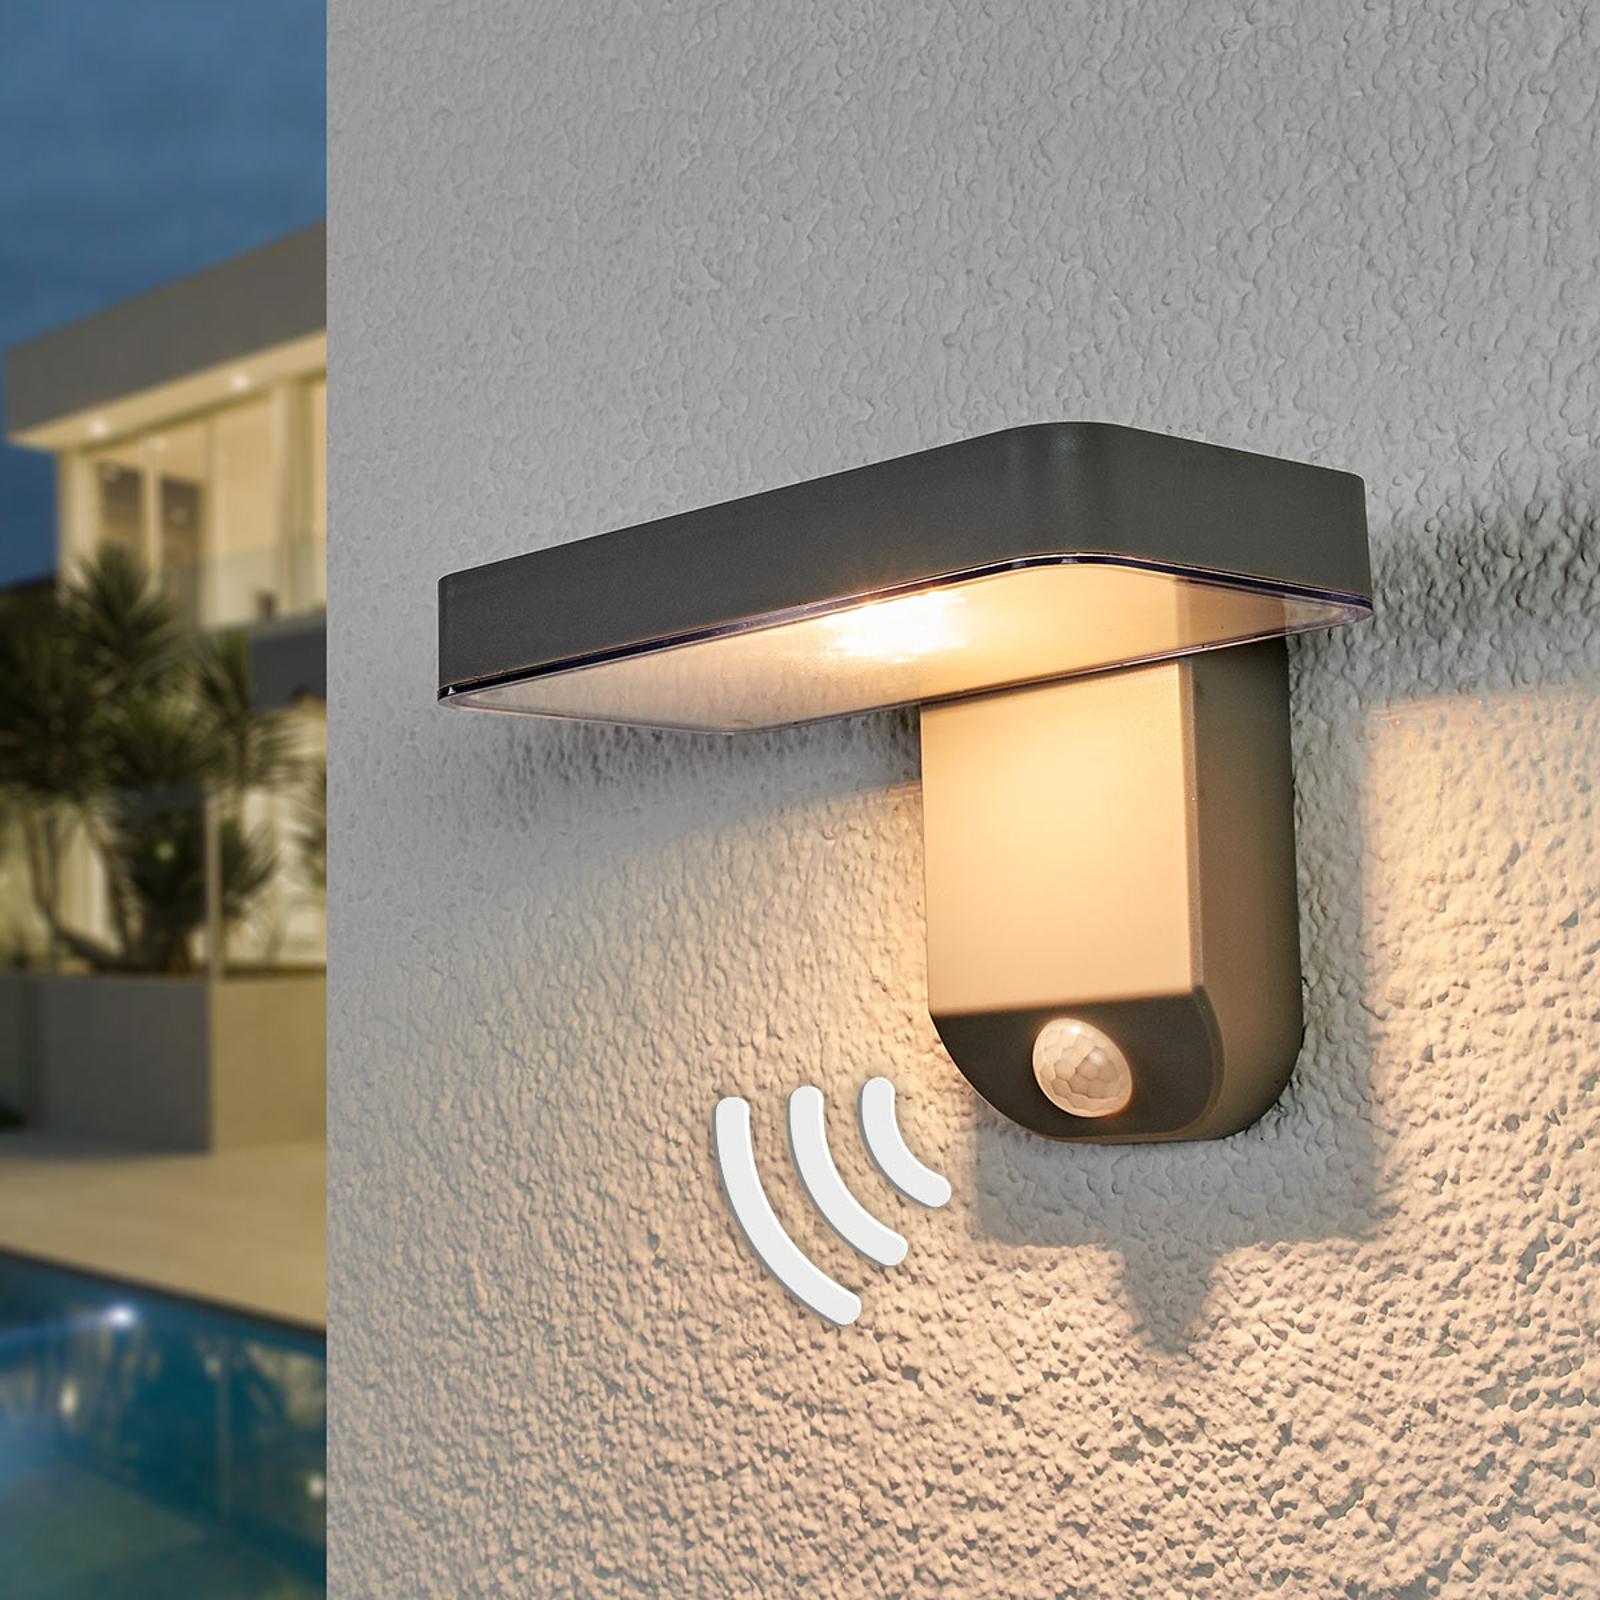 Lampe solaire LED Maik, capteur, montage au mur